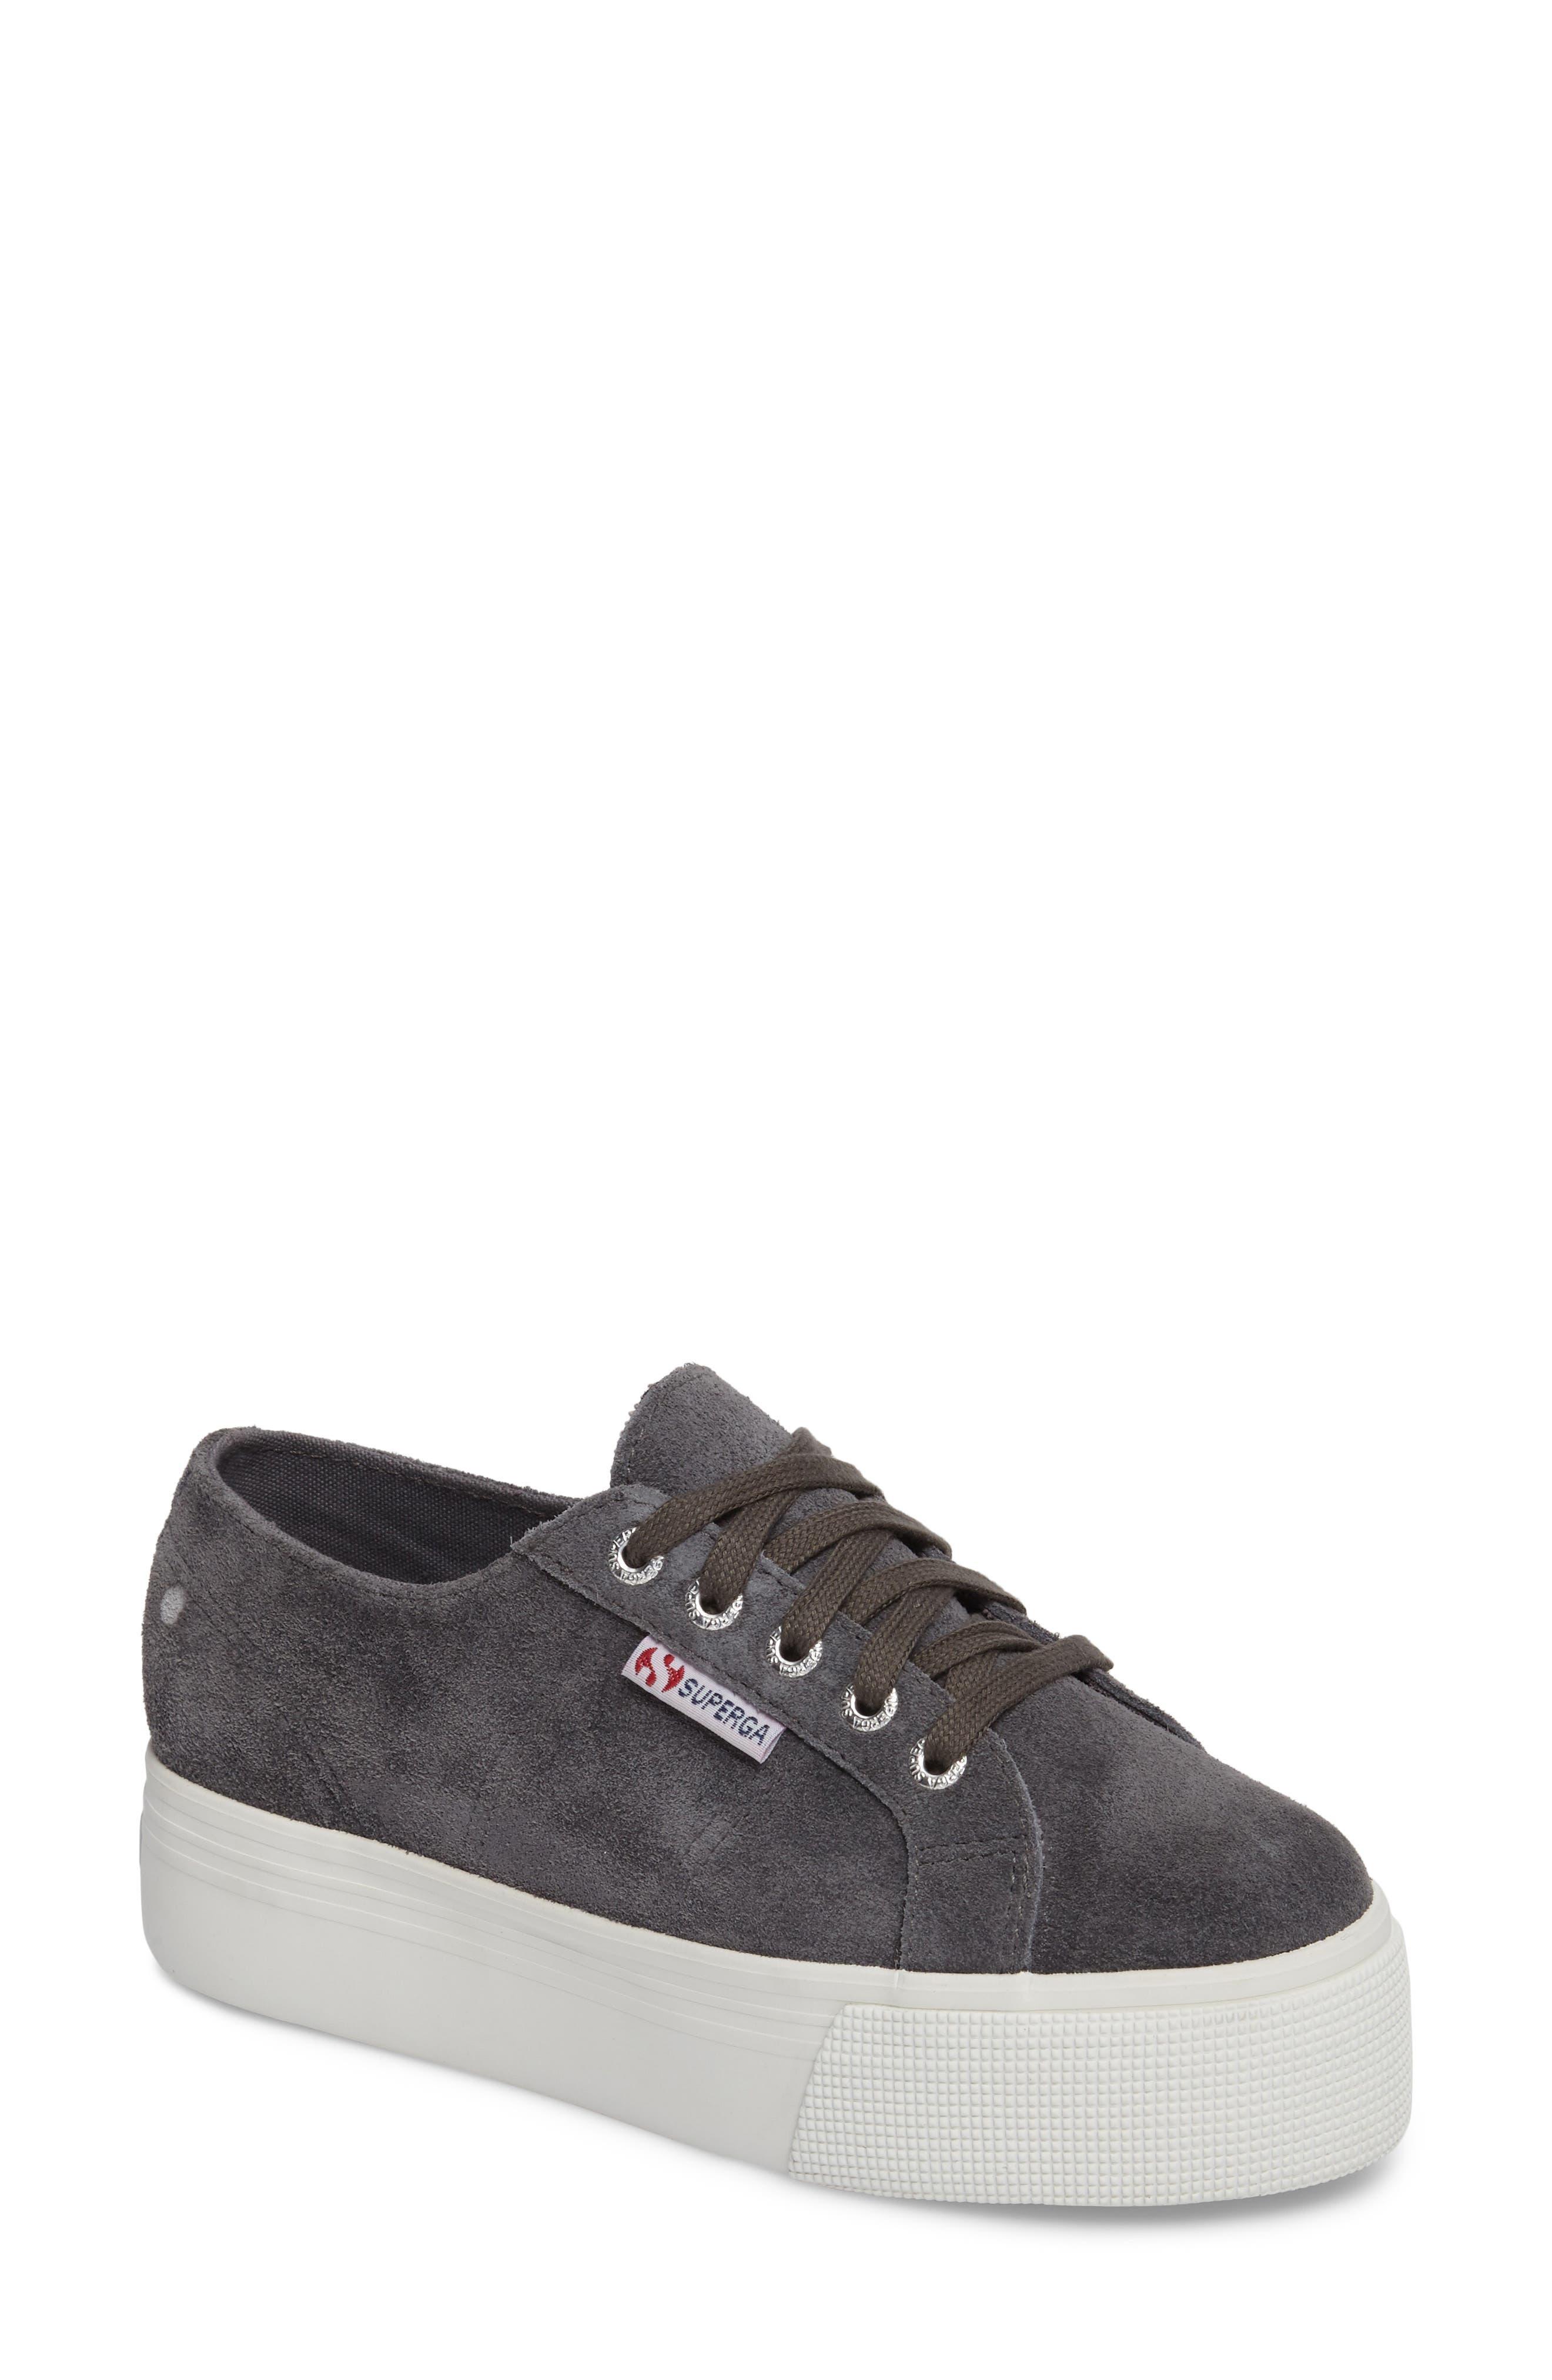 2790 Platform Sneaker,                         Main,                         color, Grey Suede